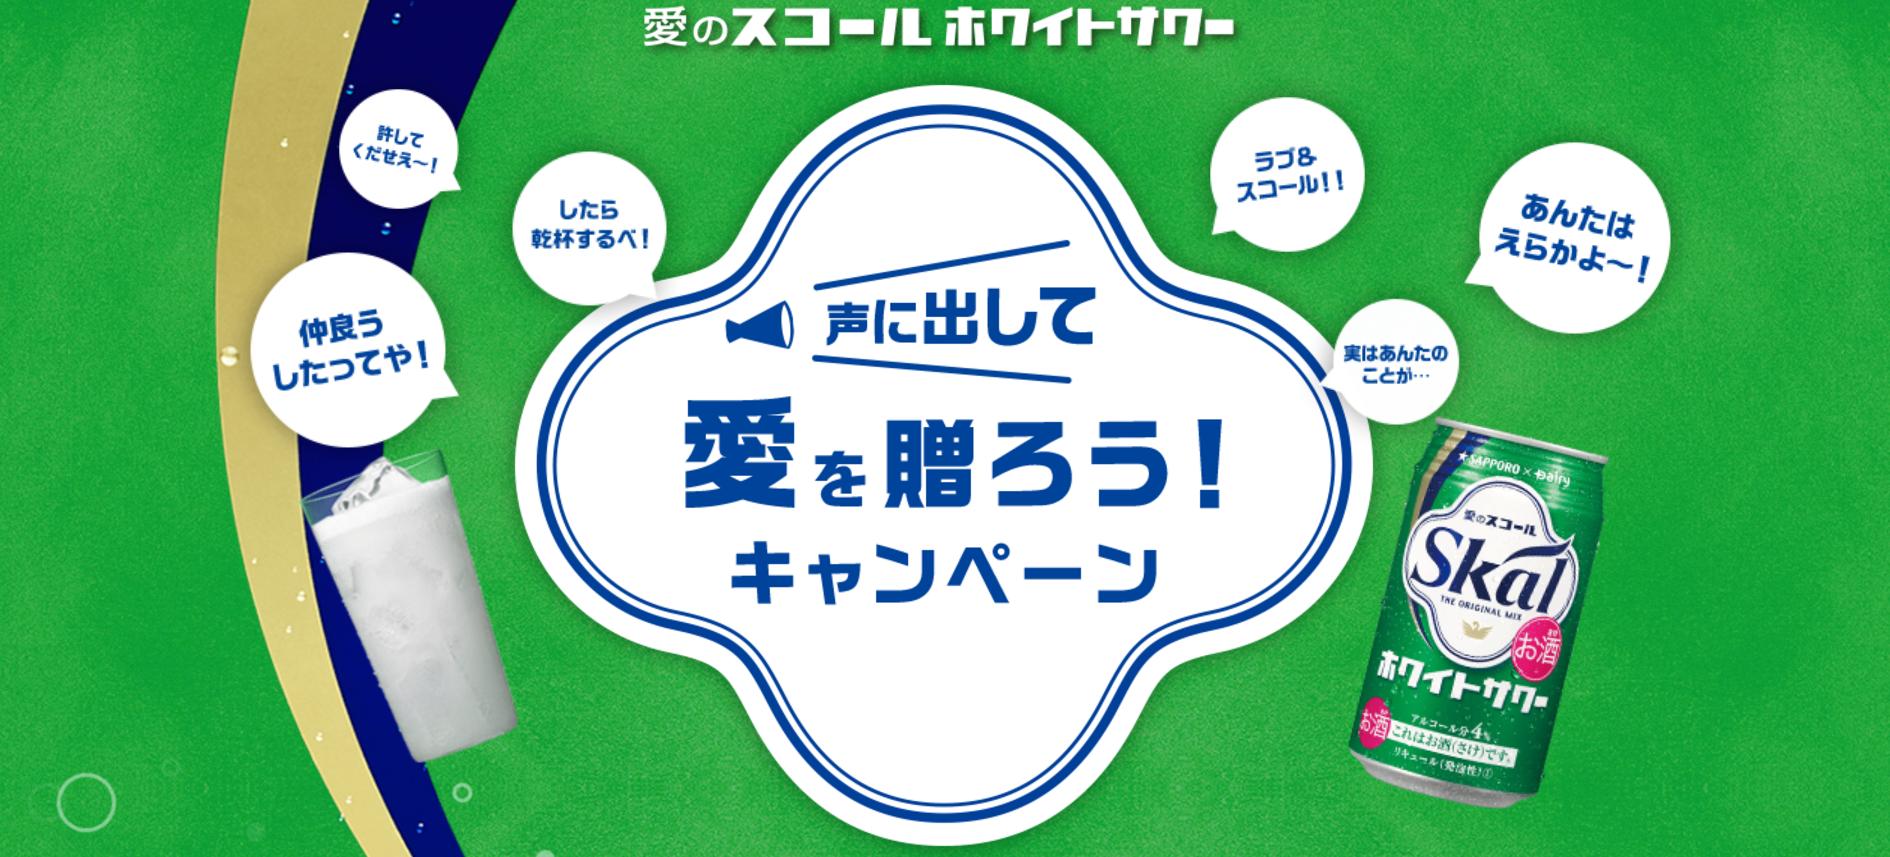 Twitterキャンペーン_事例スコール